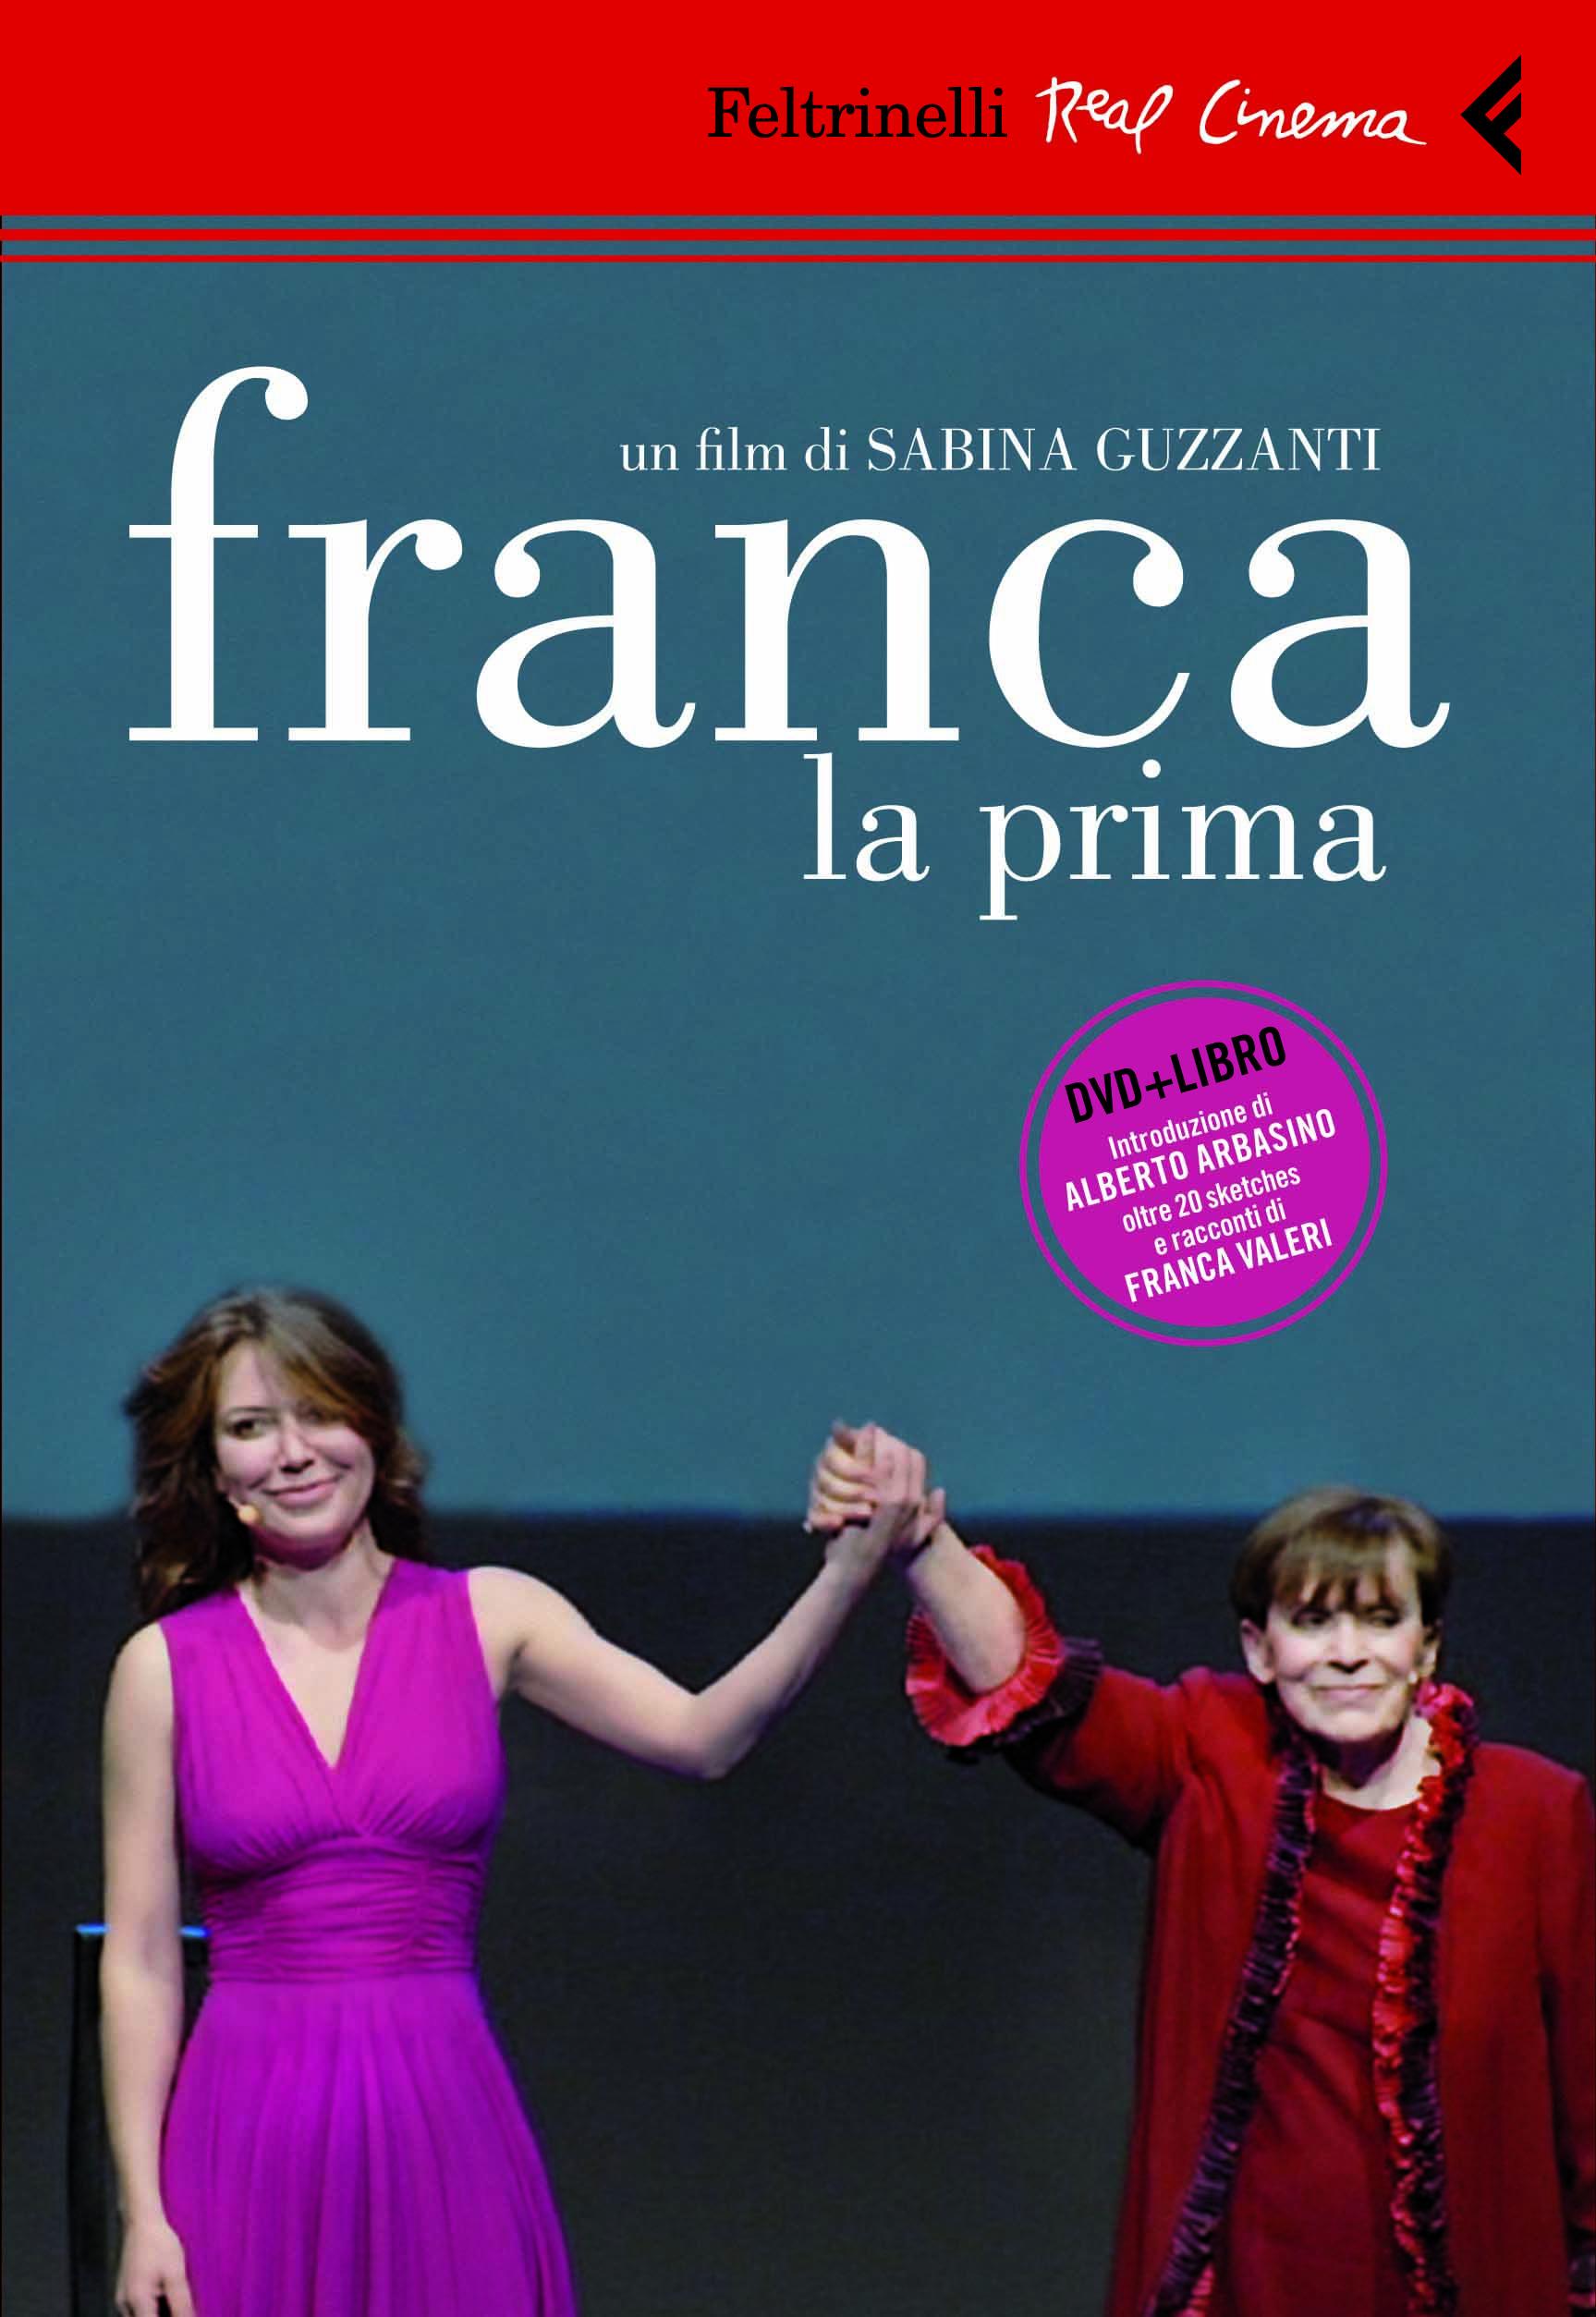 """""""Franca, la prima"""" il documentario di Sabina Guzzanti che racconta Franca Valeri"""